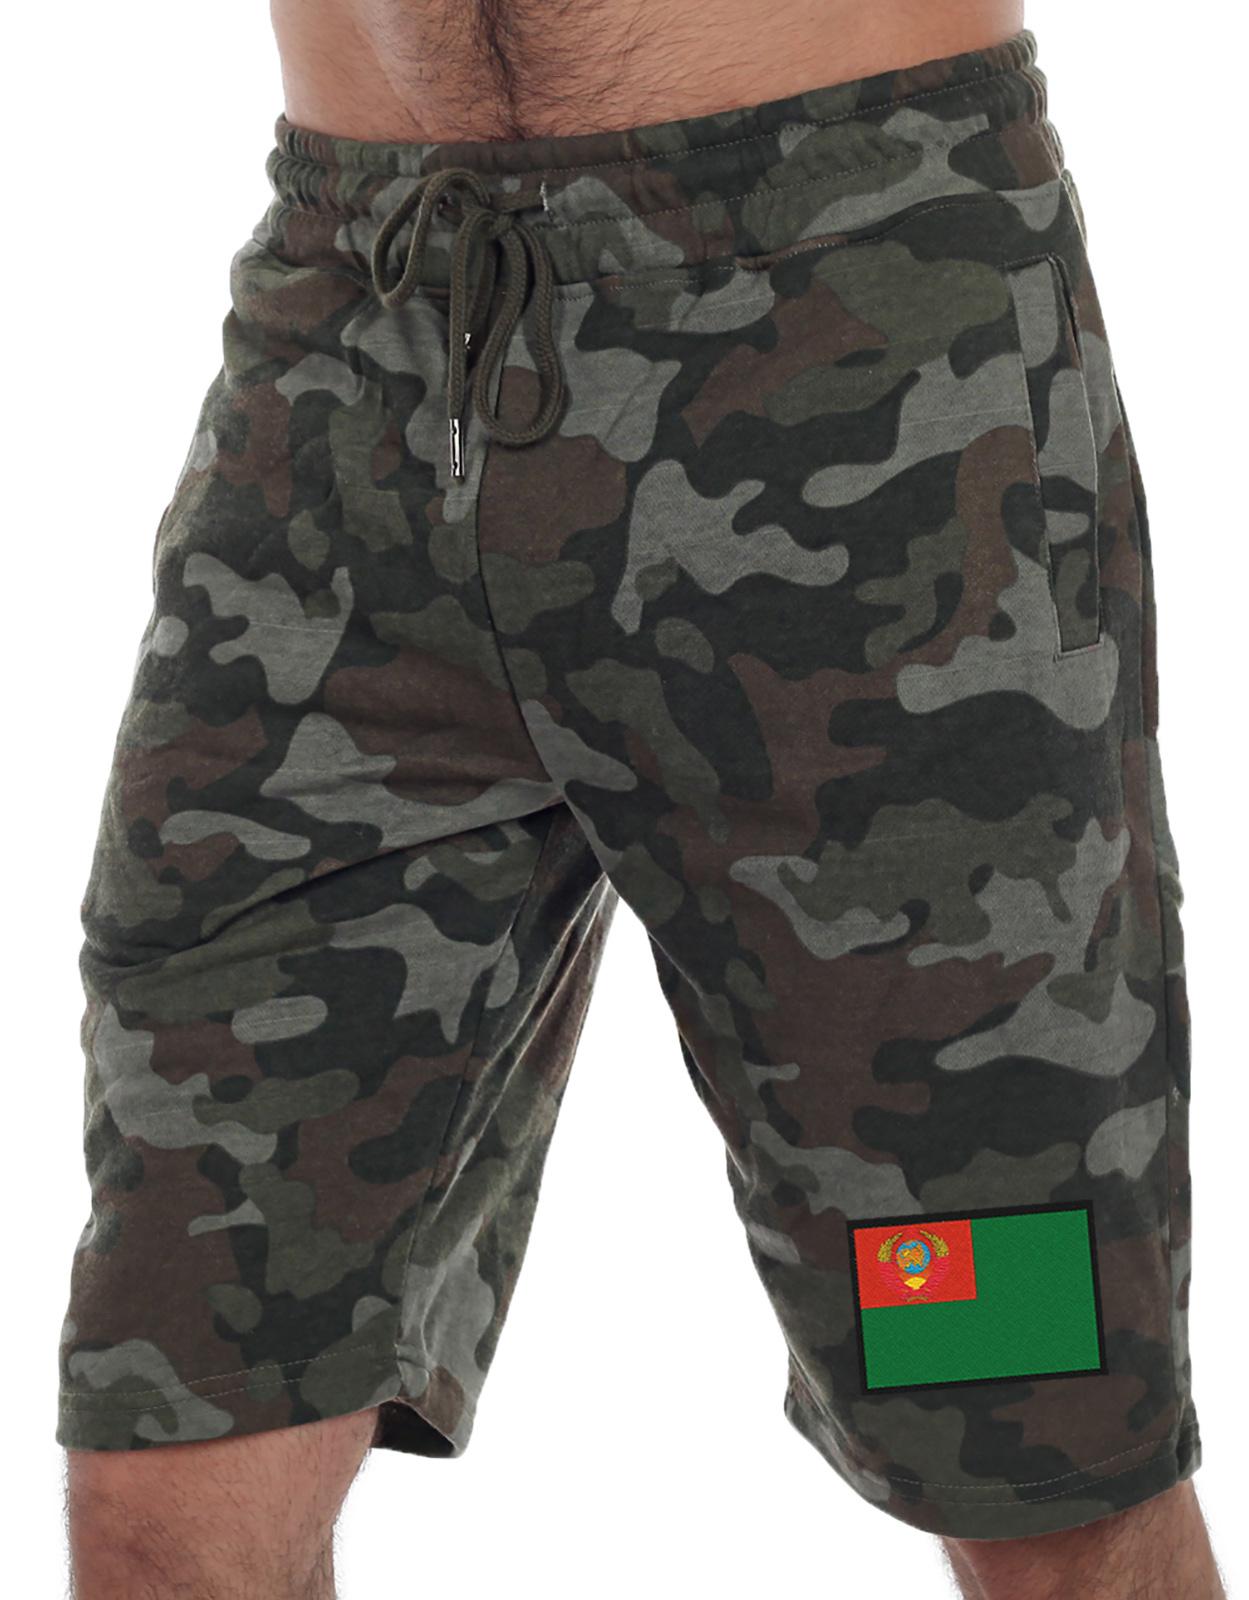 Заказать недорого мужские шорты